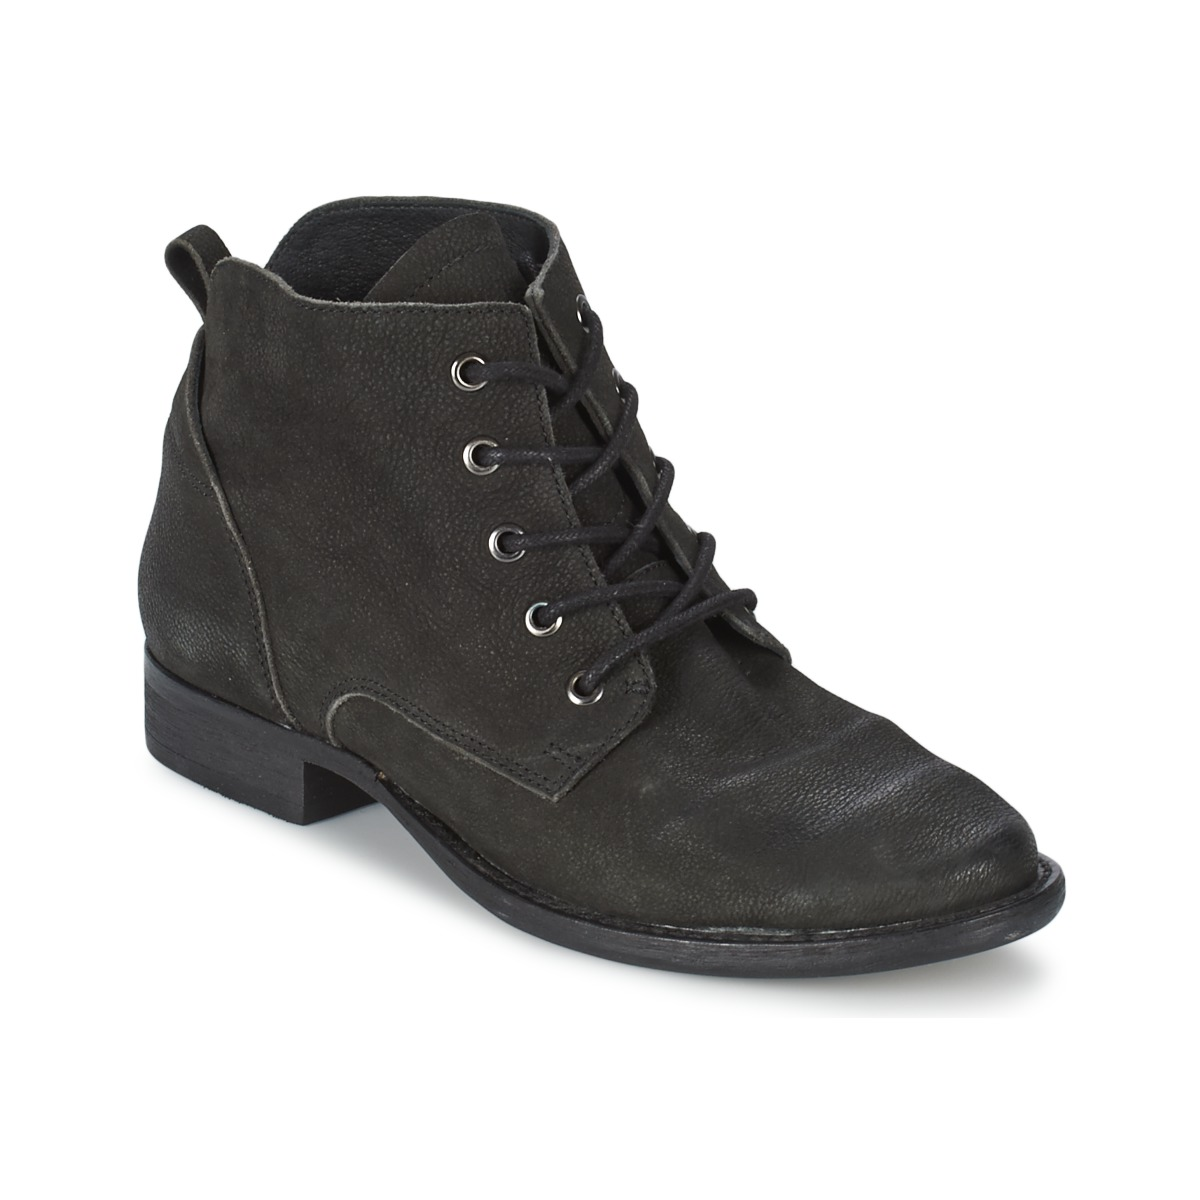 Sam Edelman MARE Schwarz - Kostenloser Versand bei Spartoode ! - Schuhe Low Boots Damen 127,20 €